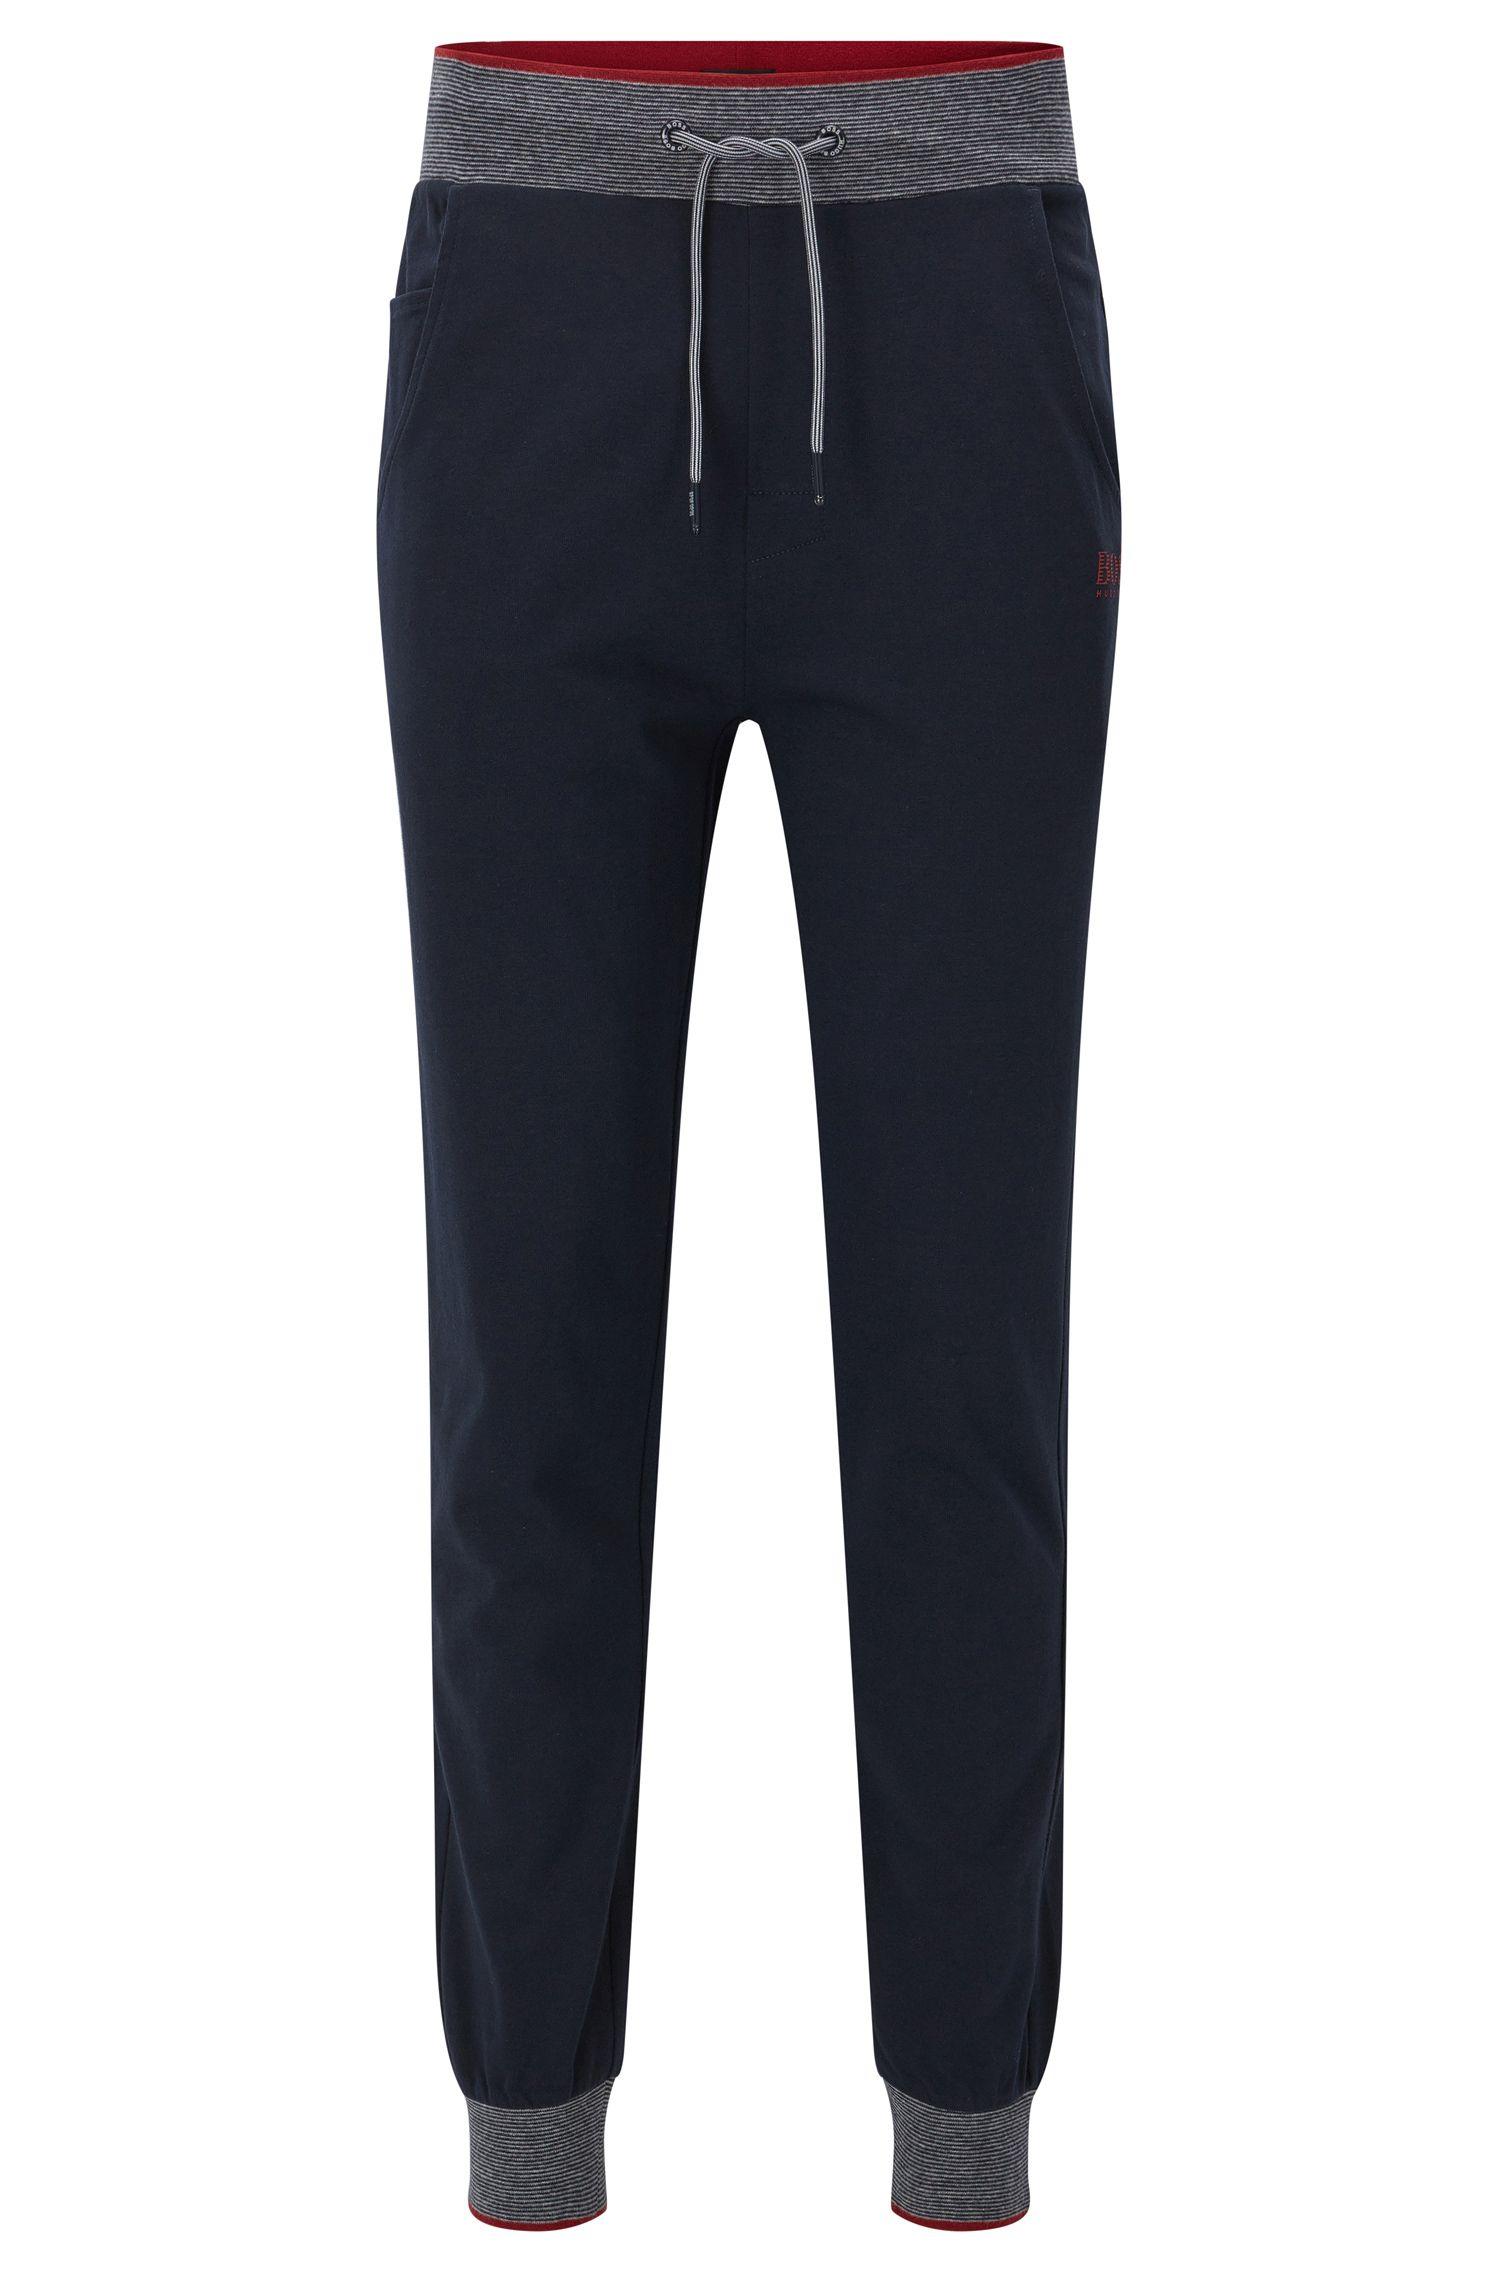 Cotton Jersey Lounge Pants | Long Pant Cuffs